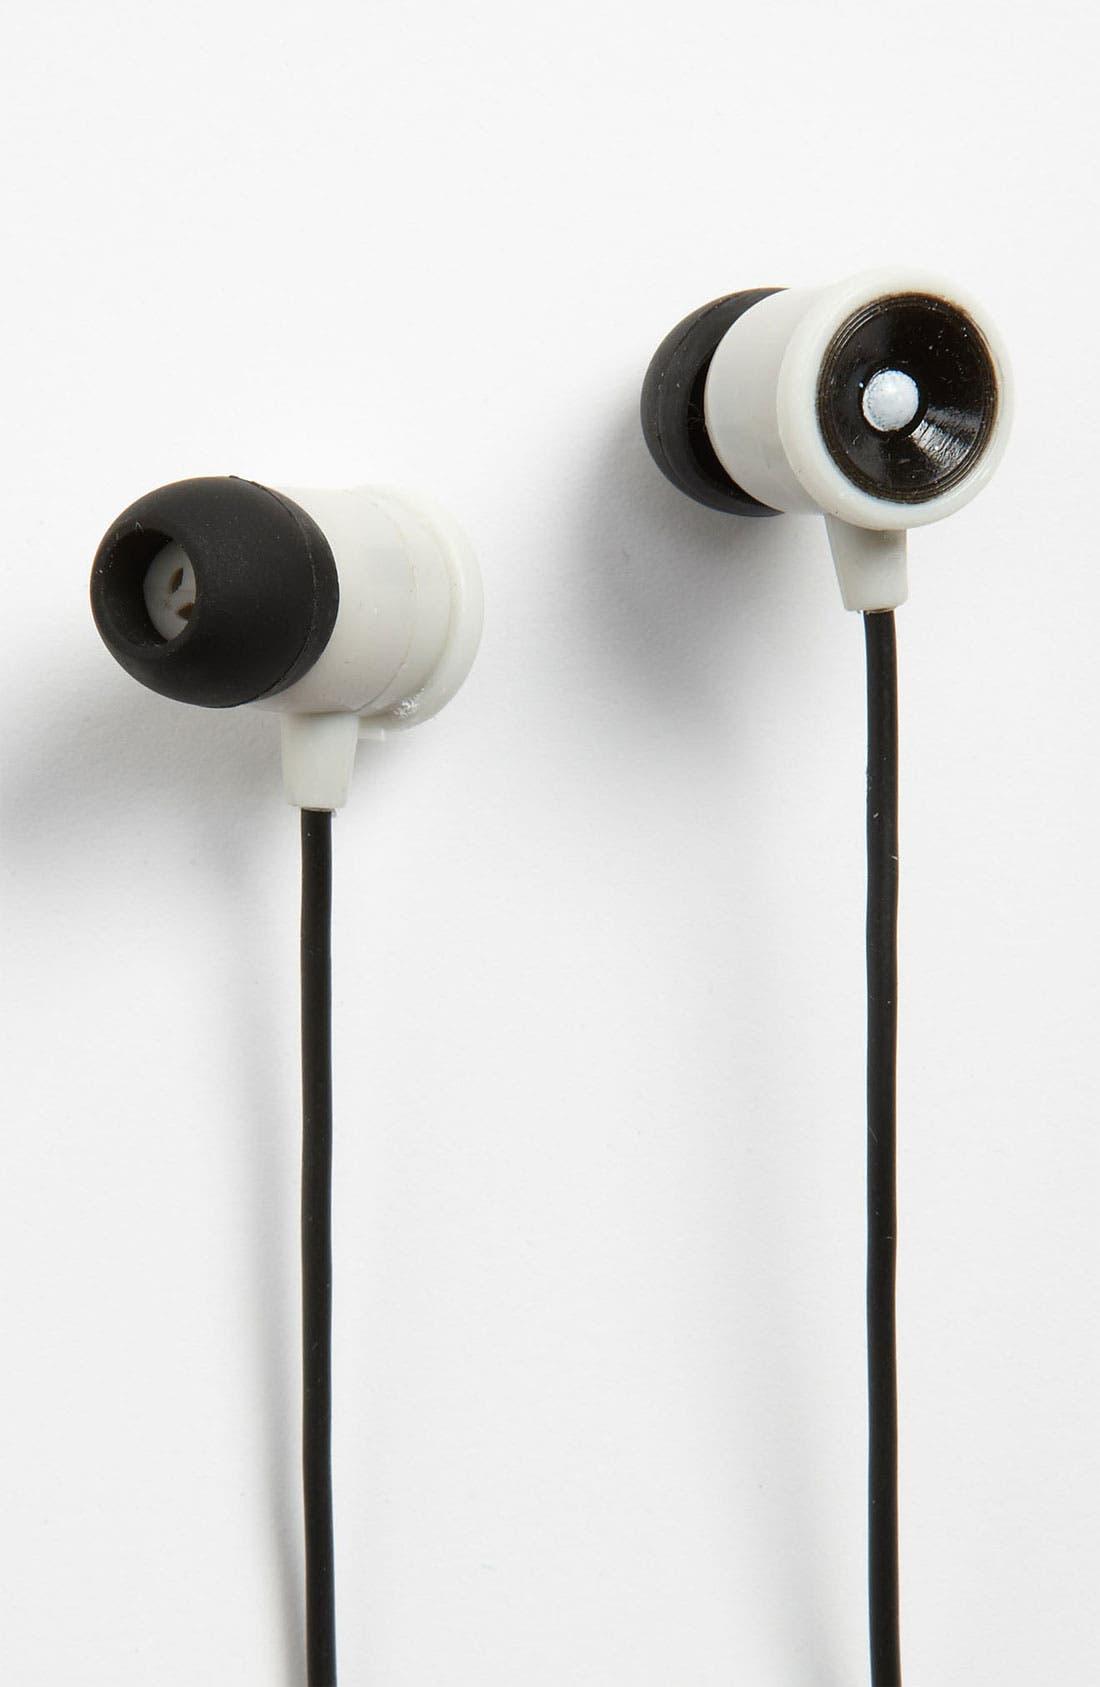 Alternate Image 1 Selected - Kikkerland Design Speaker Earbuds